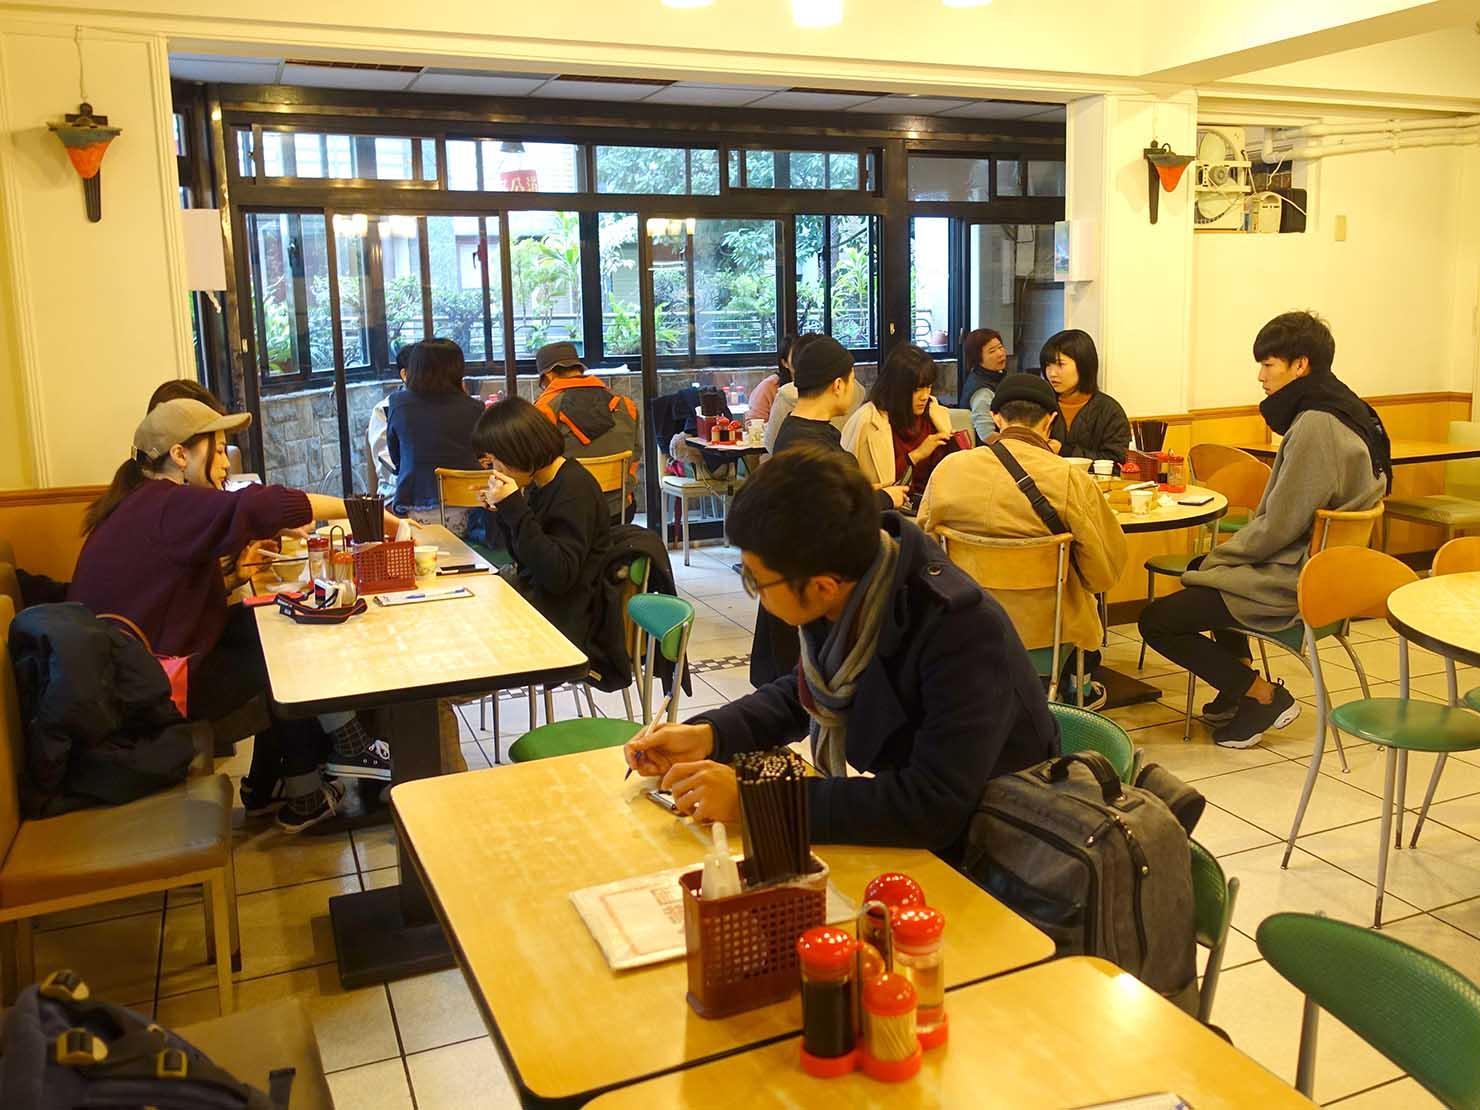 台北・永康街のおすすめグルメ店「好公道の店(原金雞園)」の店内